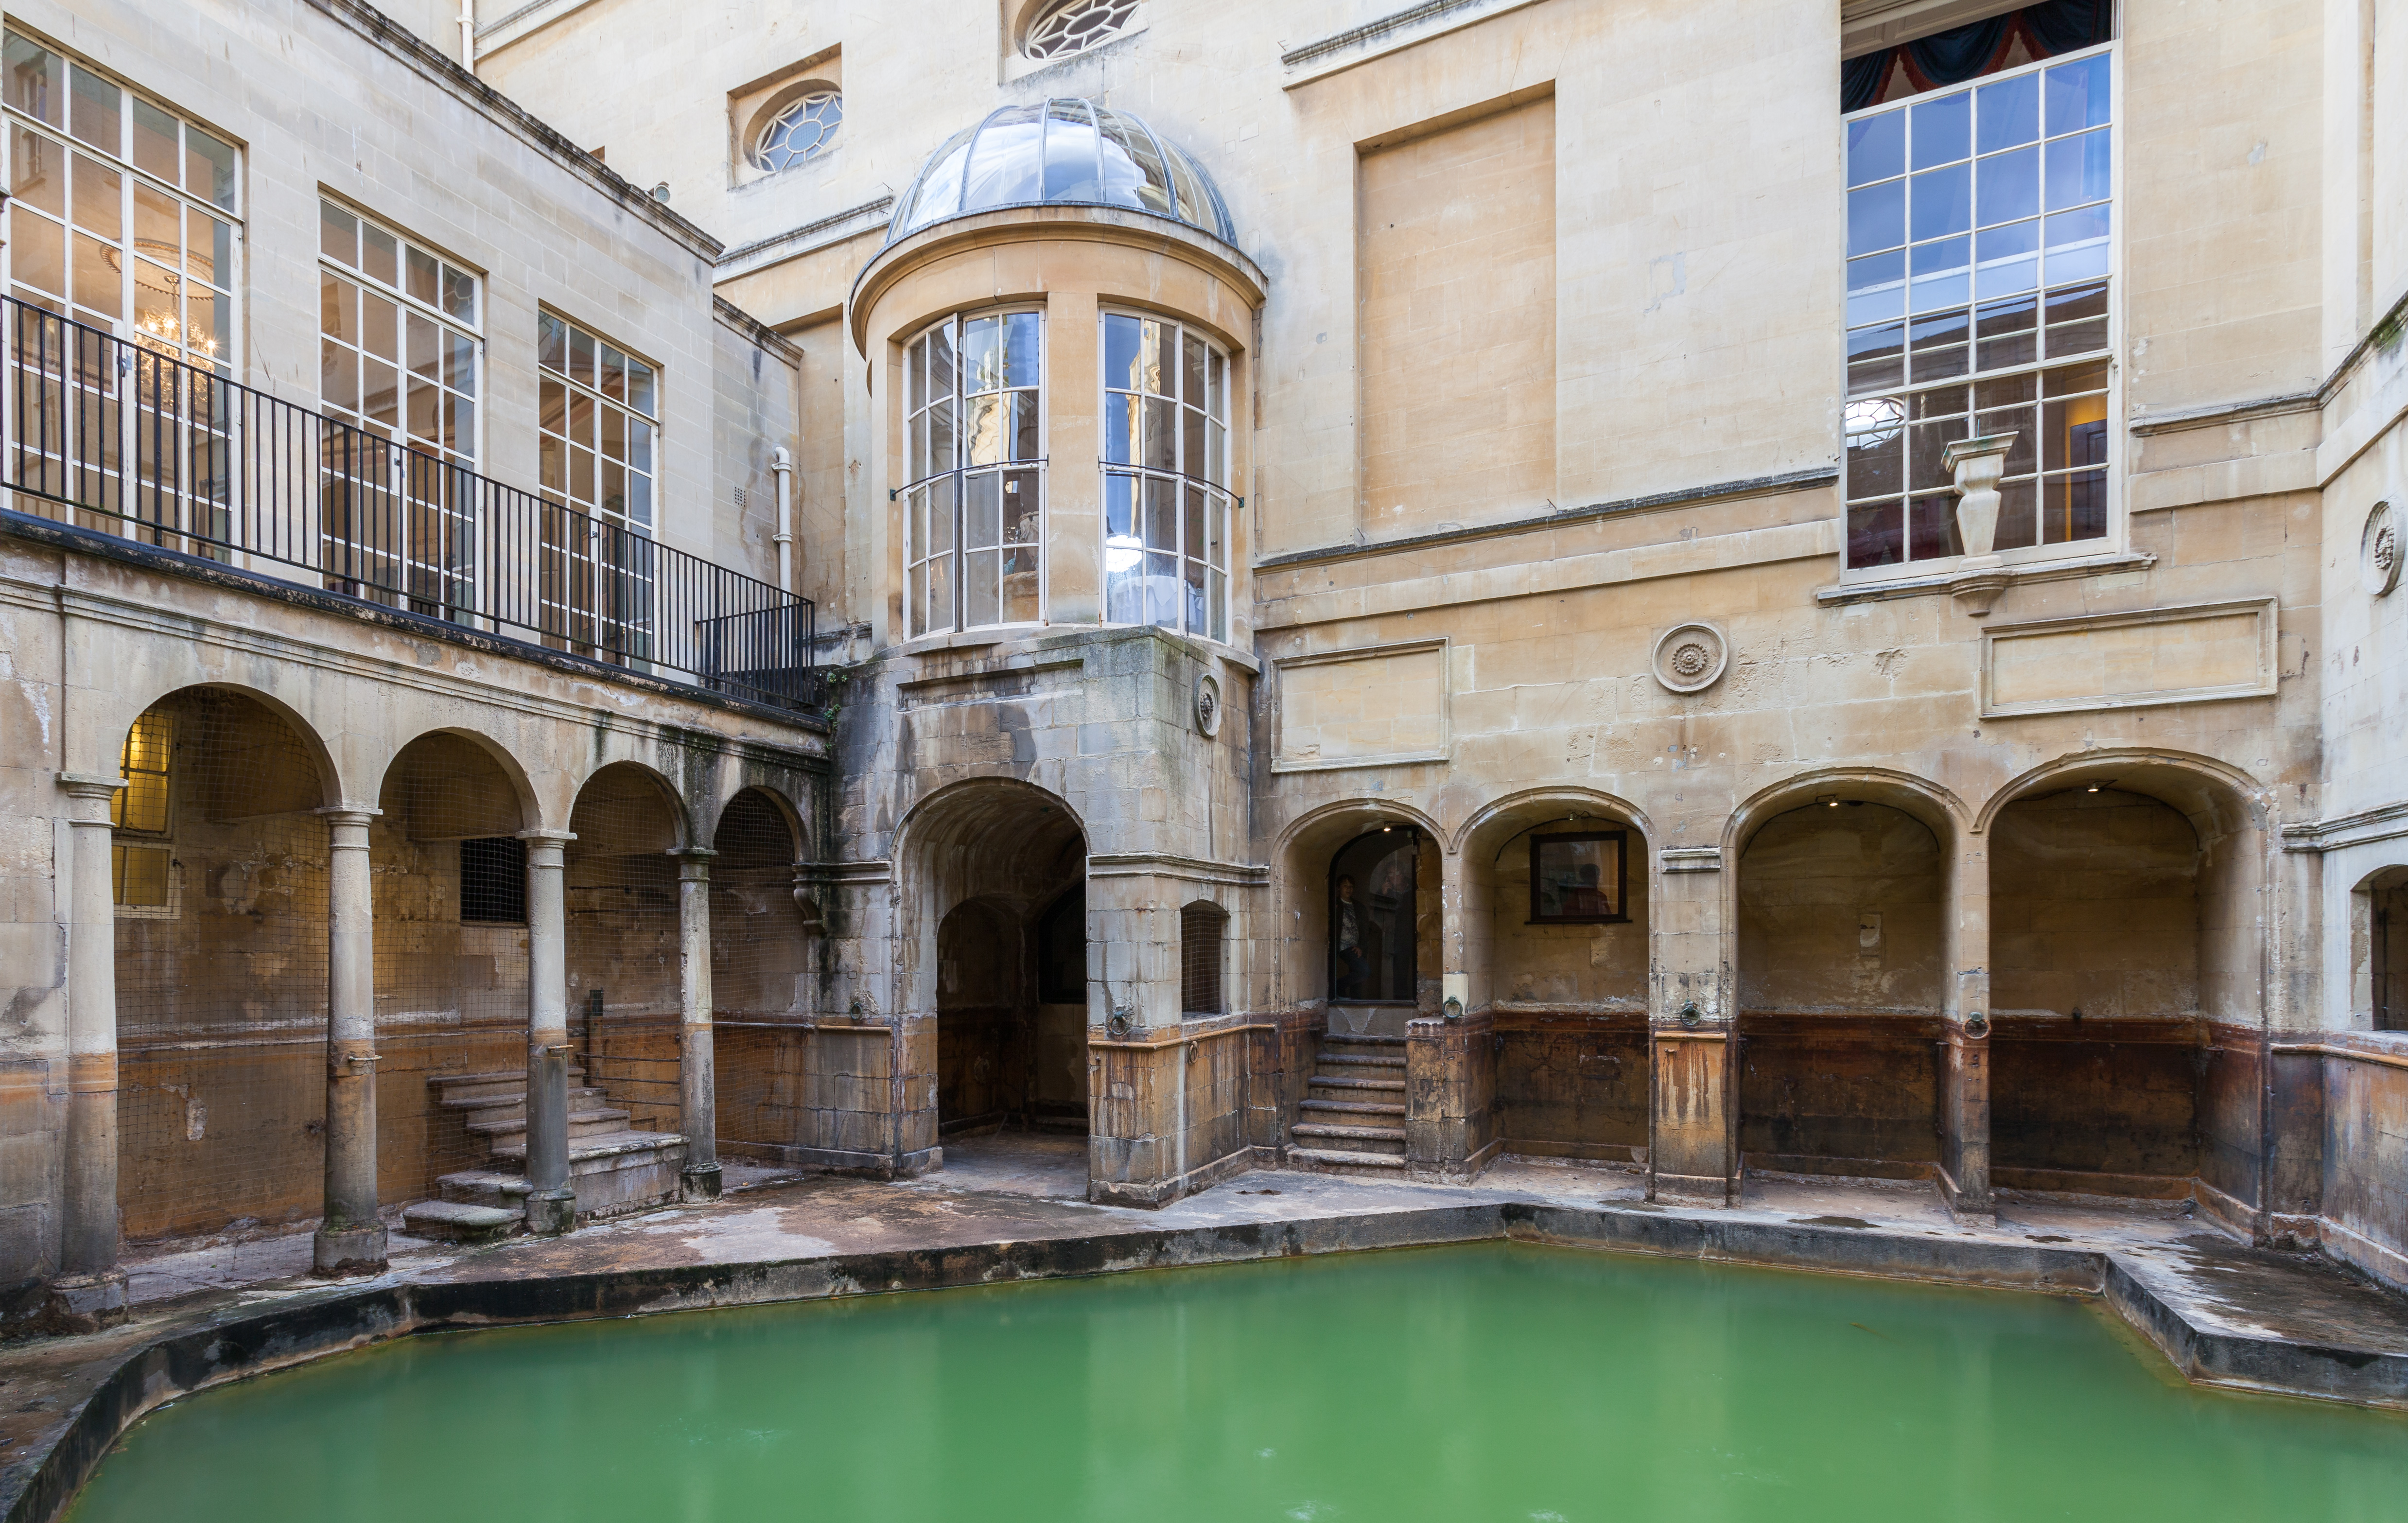 Baños Romanos Bath Inglaterra: Baño del Rey, Baños Romanos, Bath, Inglaterra, 2014-08-12, DD 29JPG